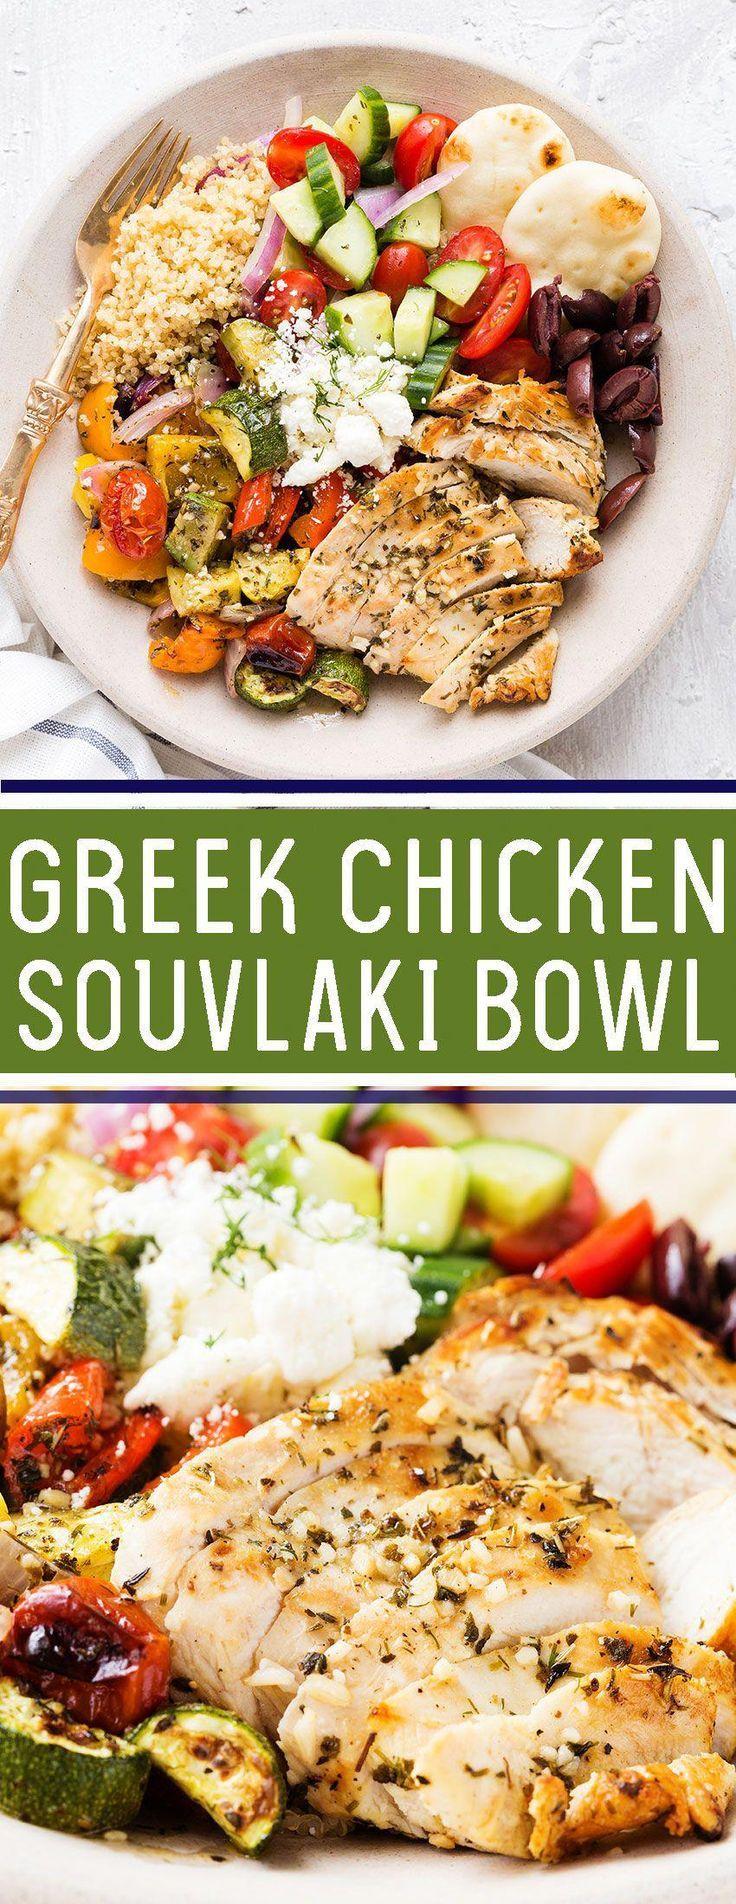 Griechische Hühnchen-Souvlaki-Schüssel: Gegrilltes Hühnchen und geröstetes Gemüse über ...   - dinner recipes -